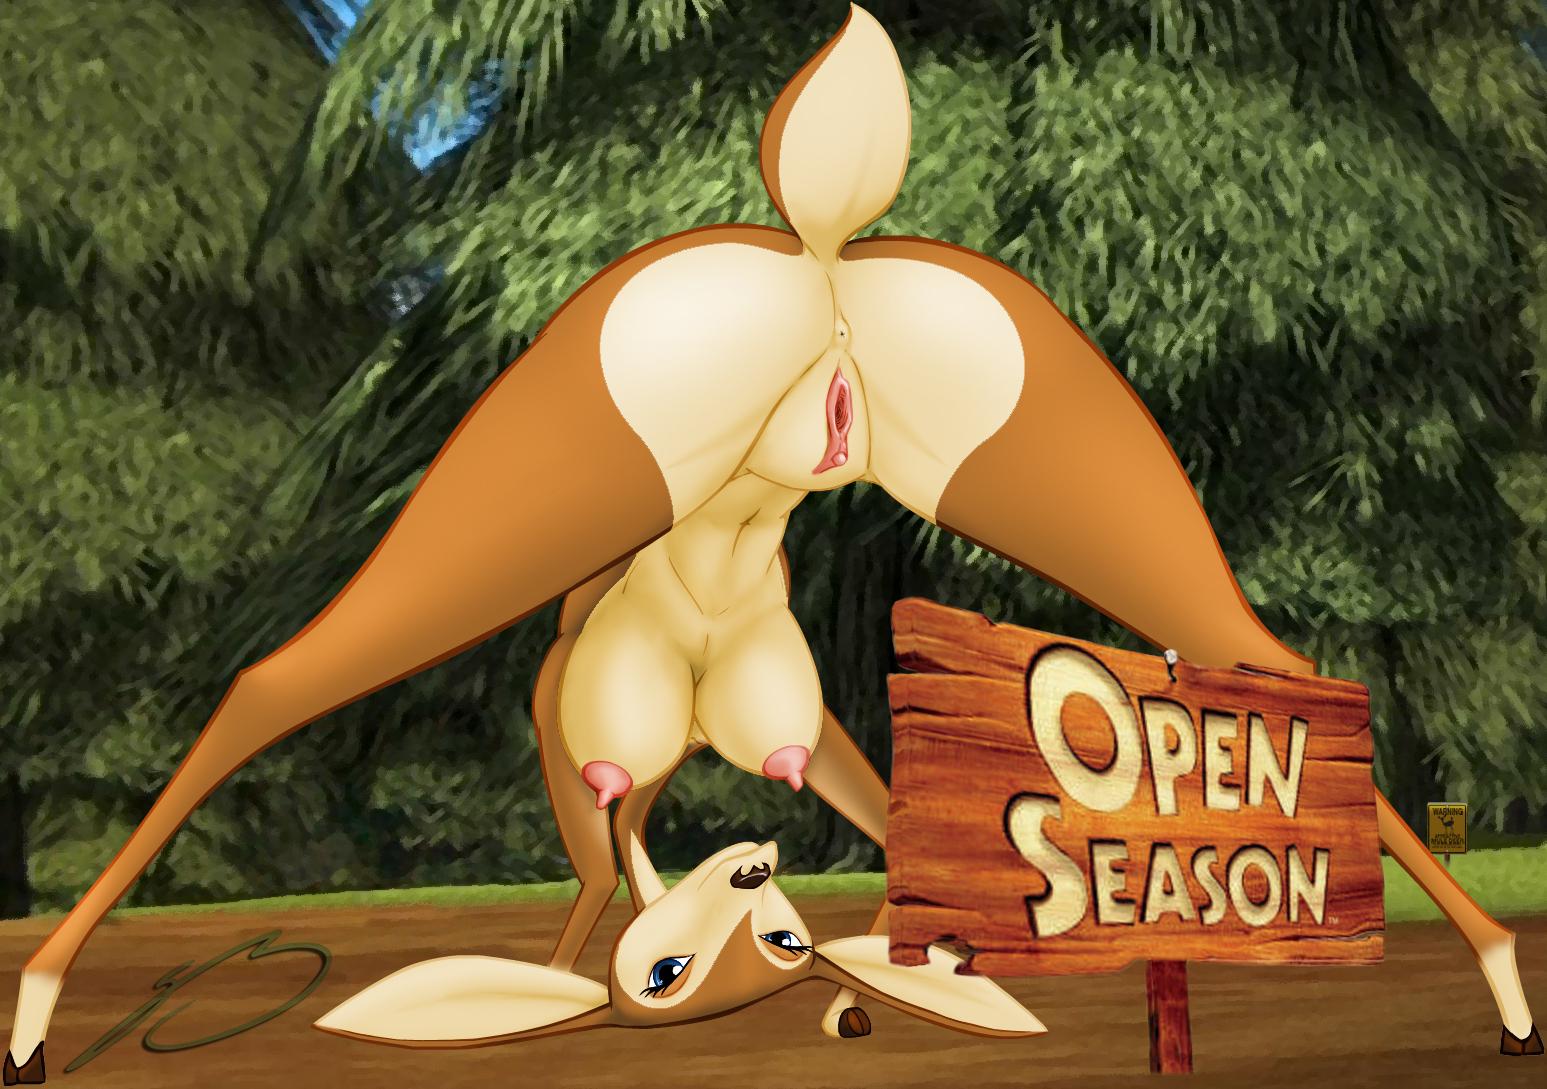 смотреть онлайн порно сезон